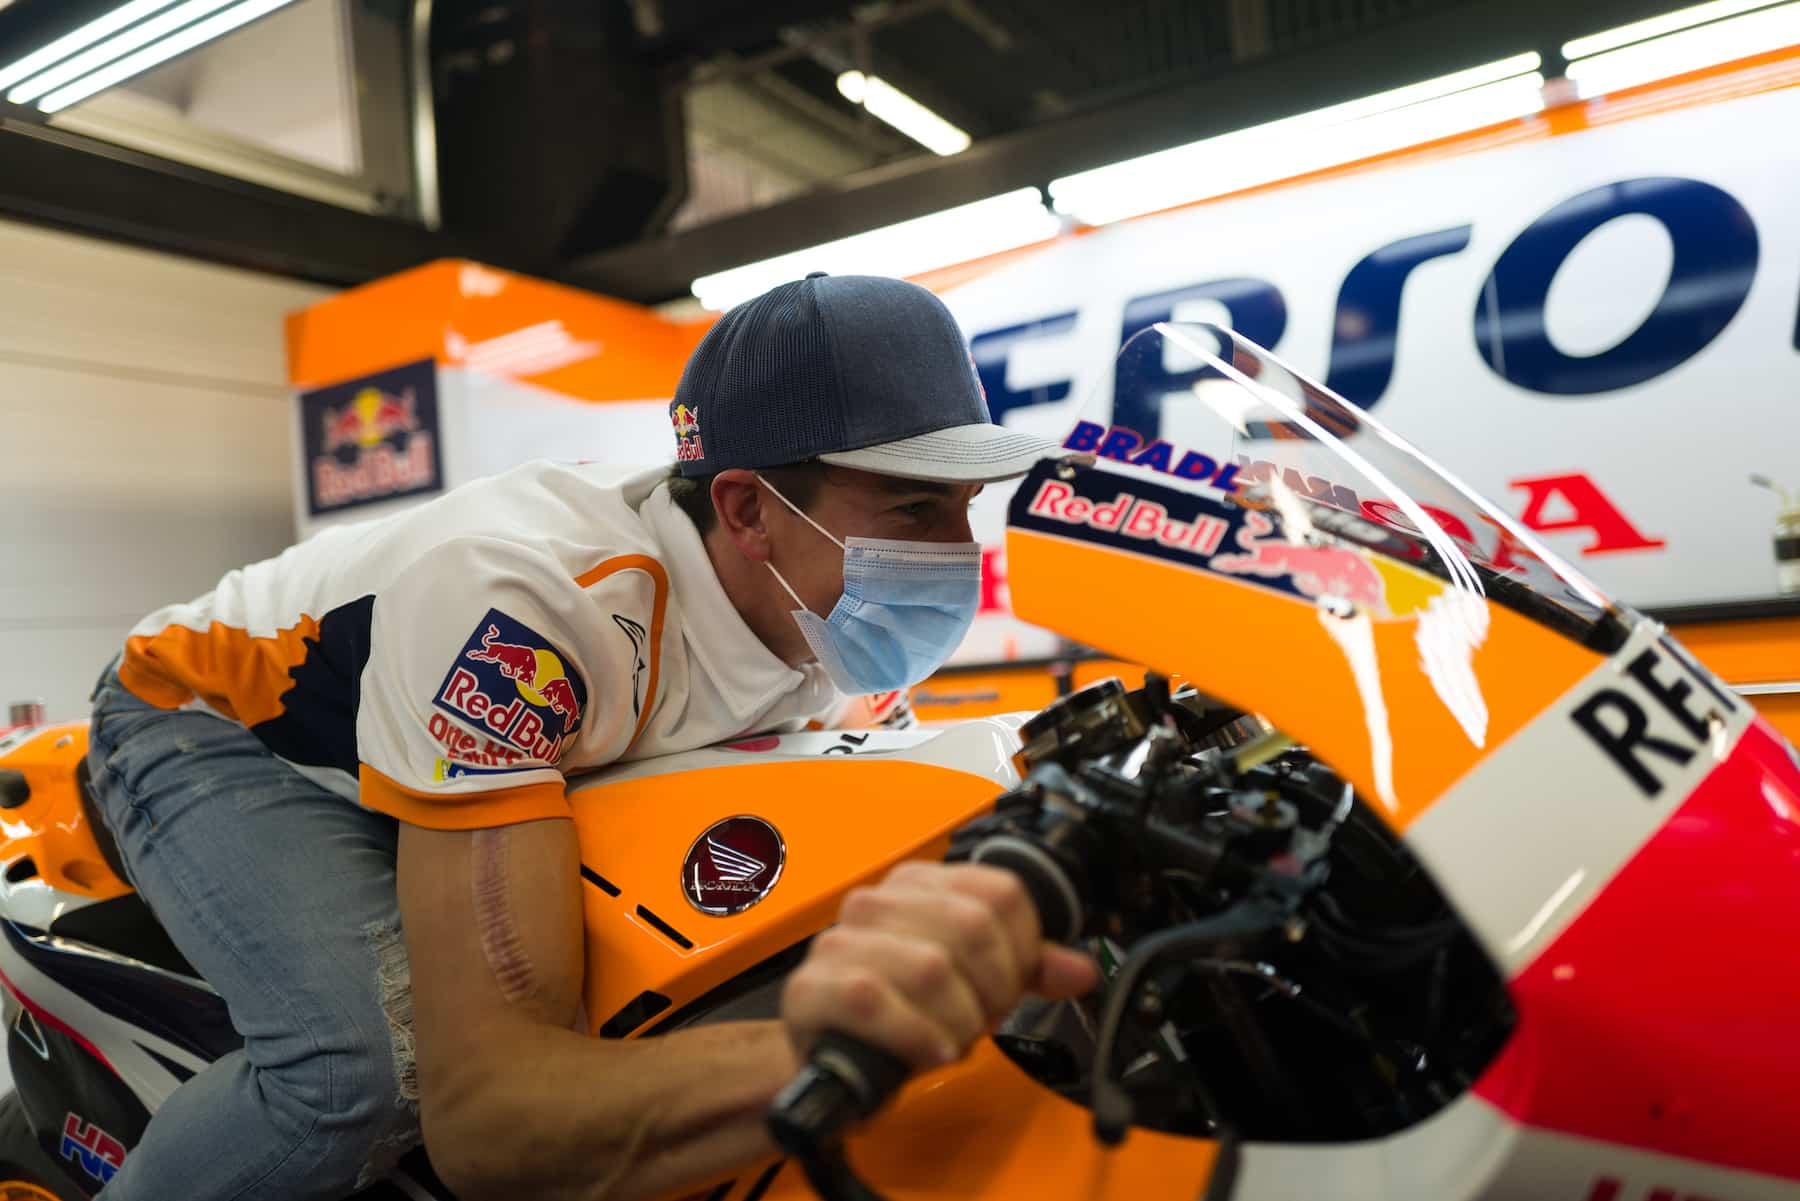 マルク・マルケス「ポルティマオはMotoGPバイクで走ってみたい」